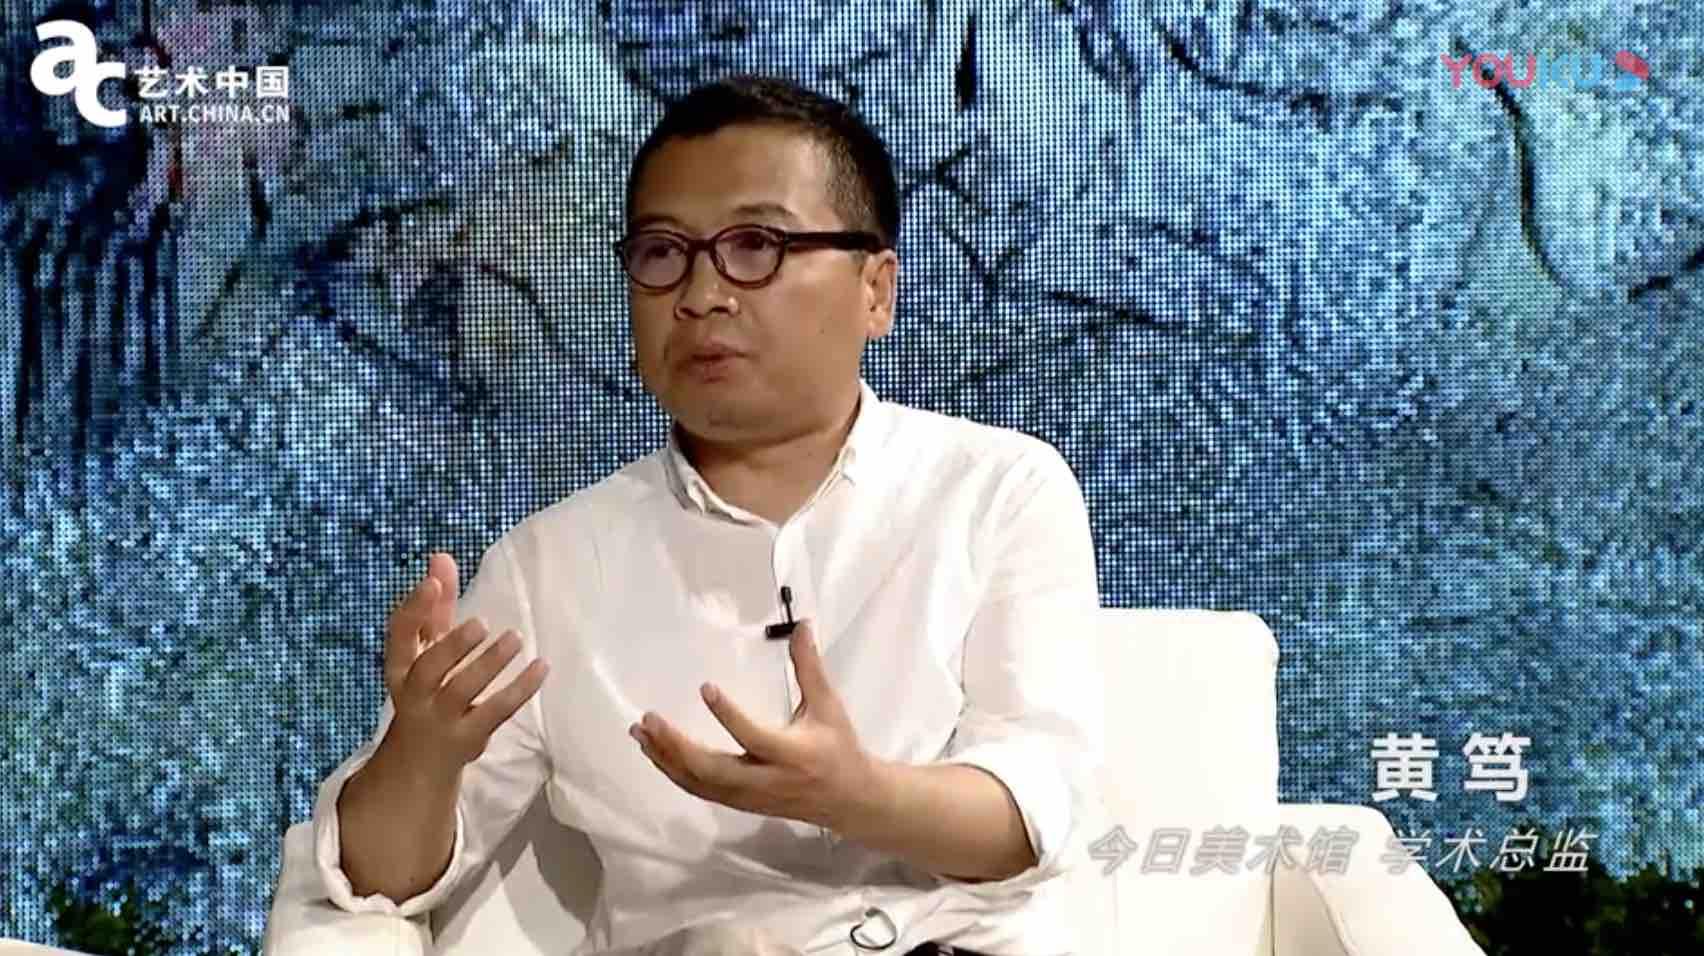 艺术中国:未来美术馆的图景(二)